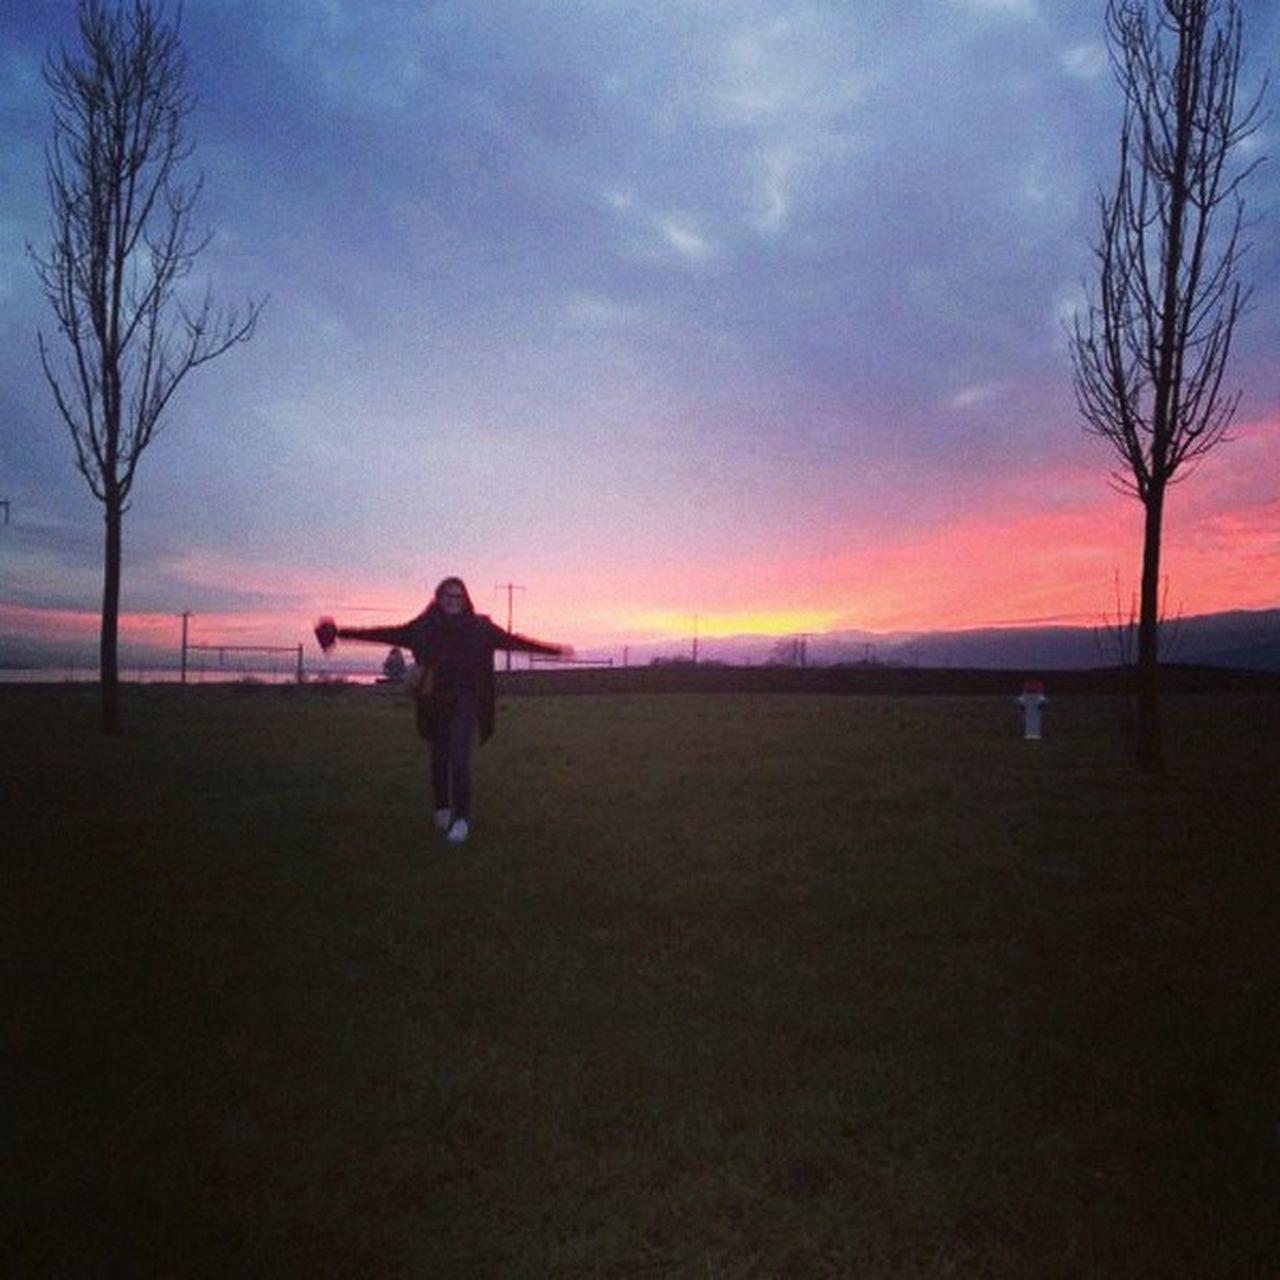 enjoying the sunset @ IKEA Sunset That's Me FeelLikeALittleGirl :)